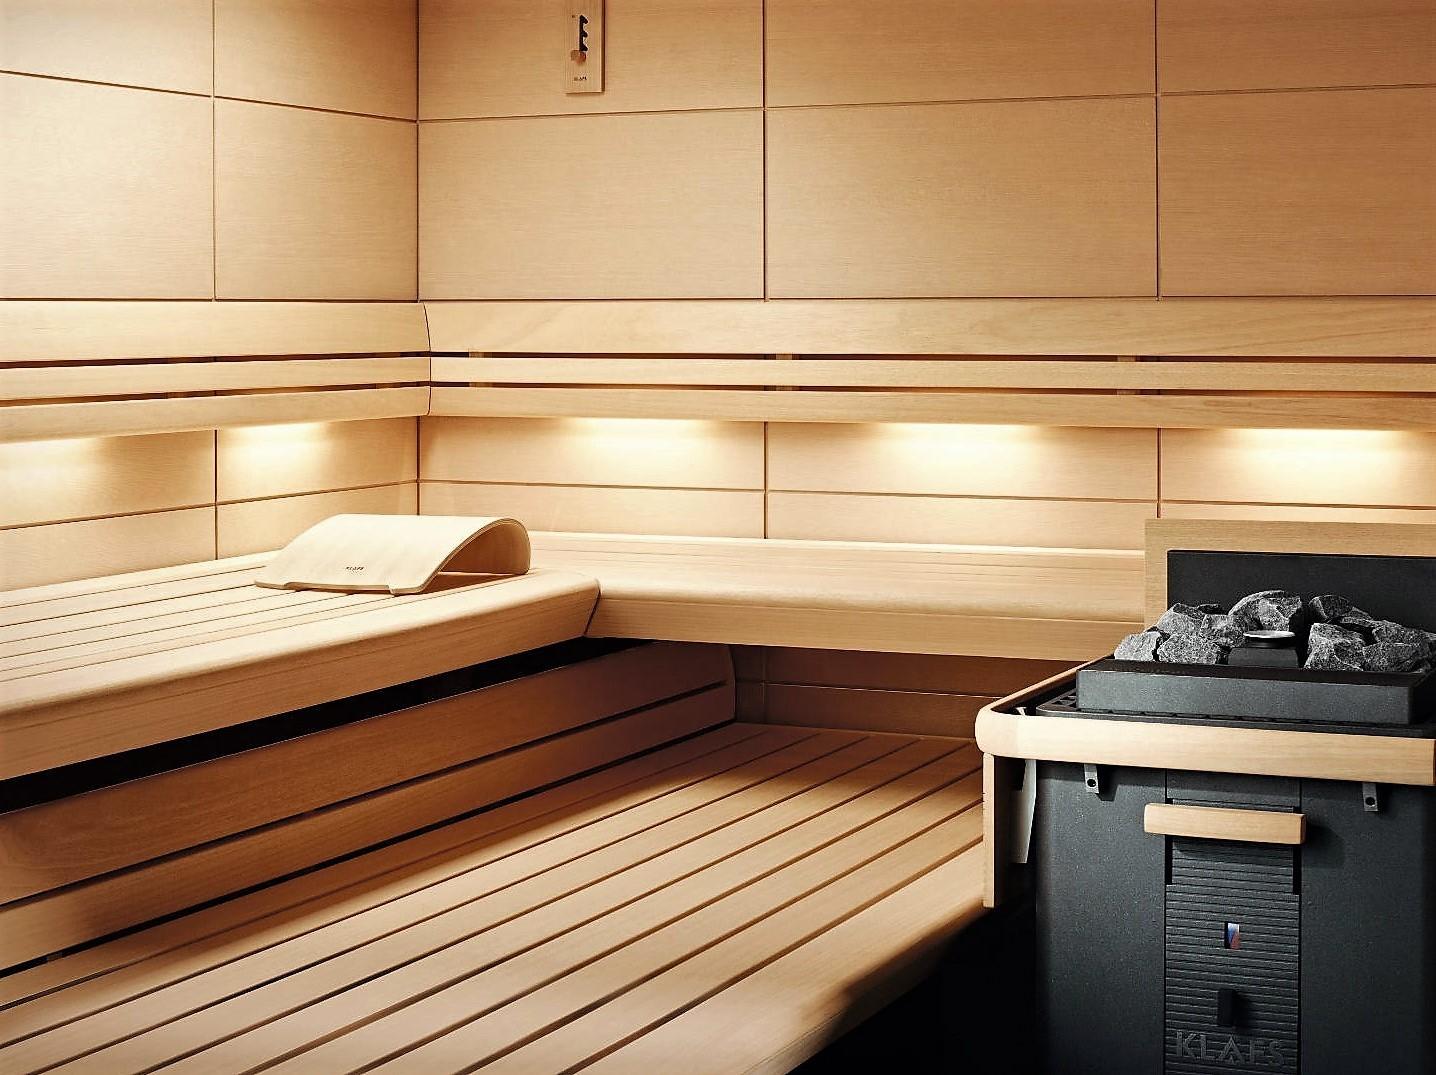 Обустройство бани: что понадобится для полноценного отдыха